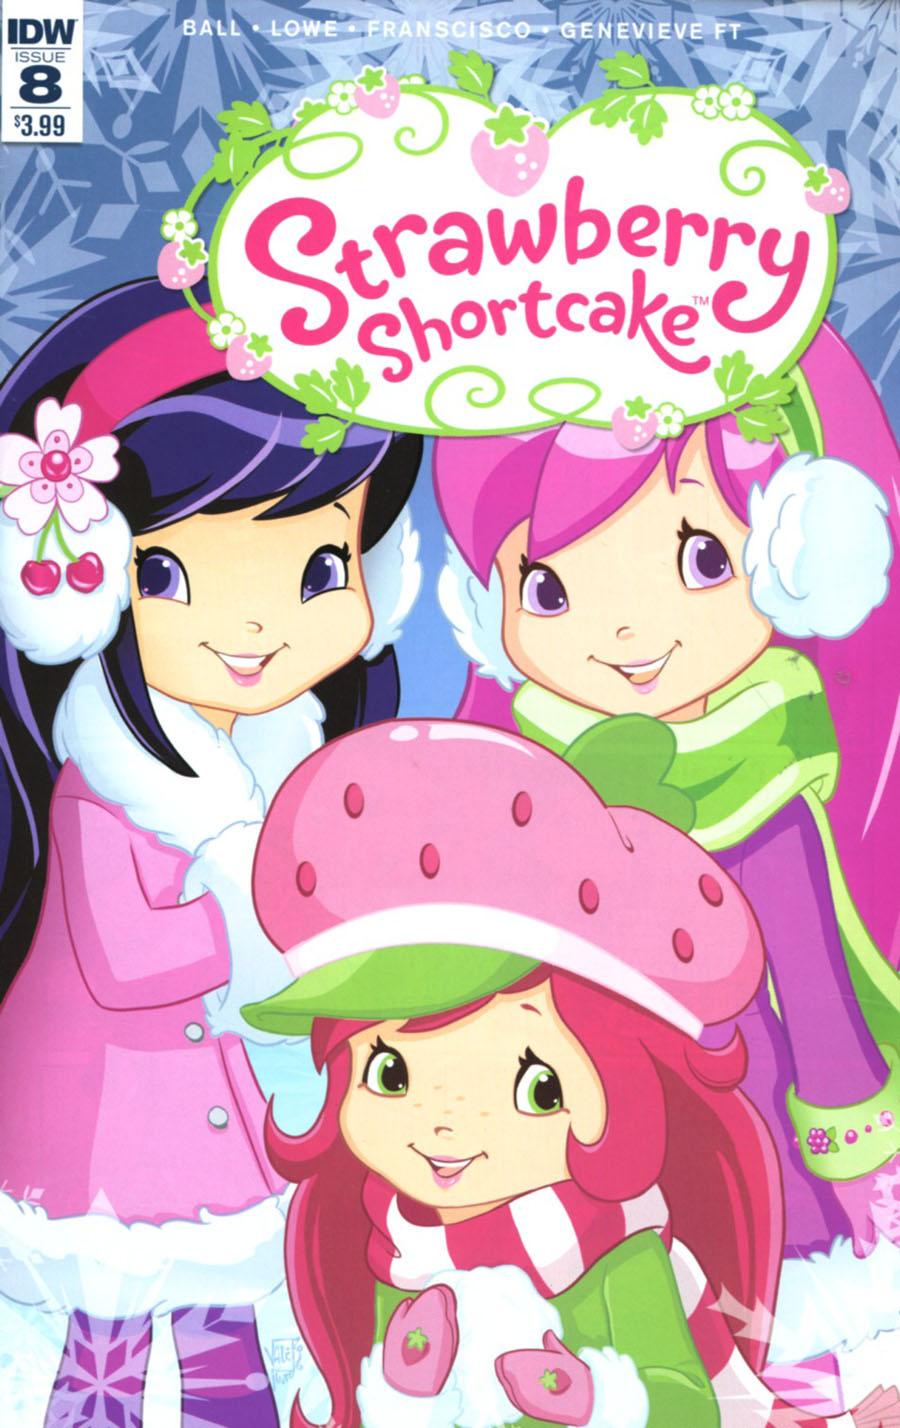 Strawberry Shortcake Vol 3 #8 Cover A Regular Valentina Pinto Cover